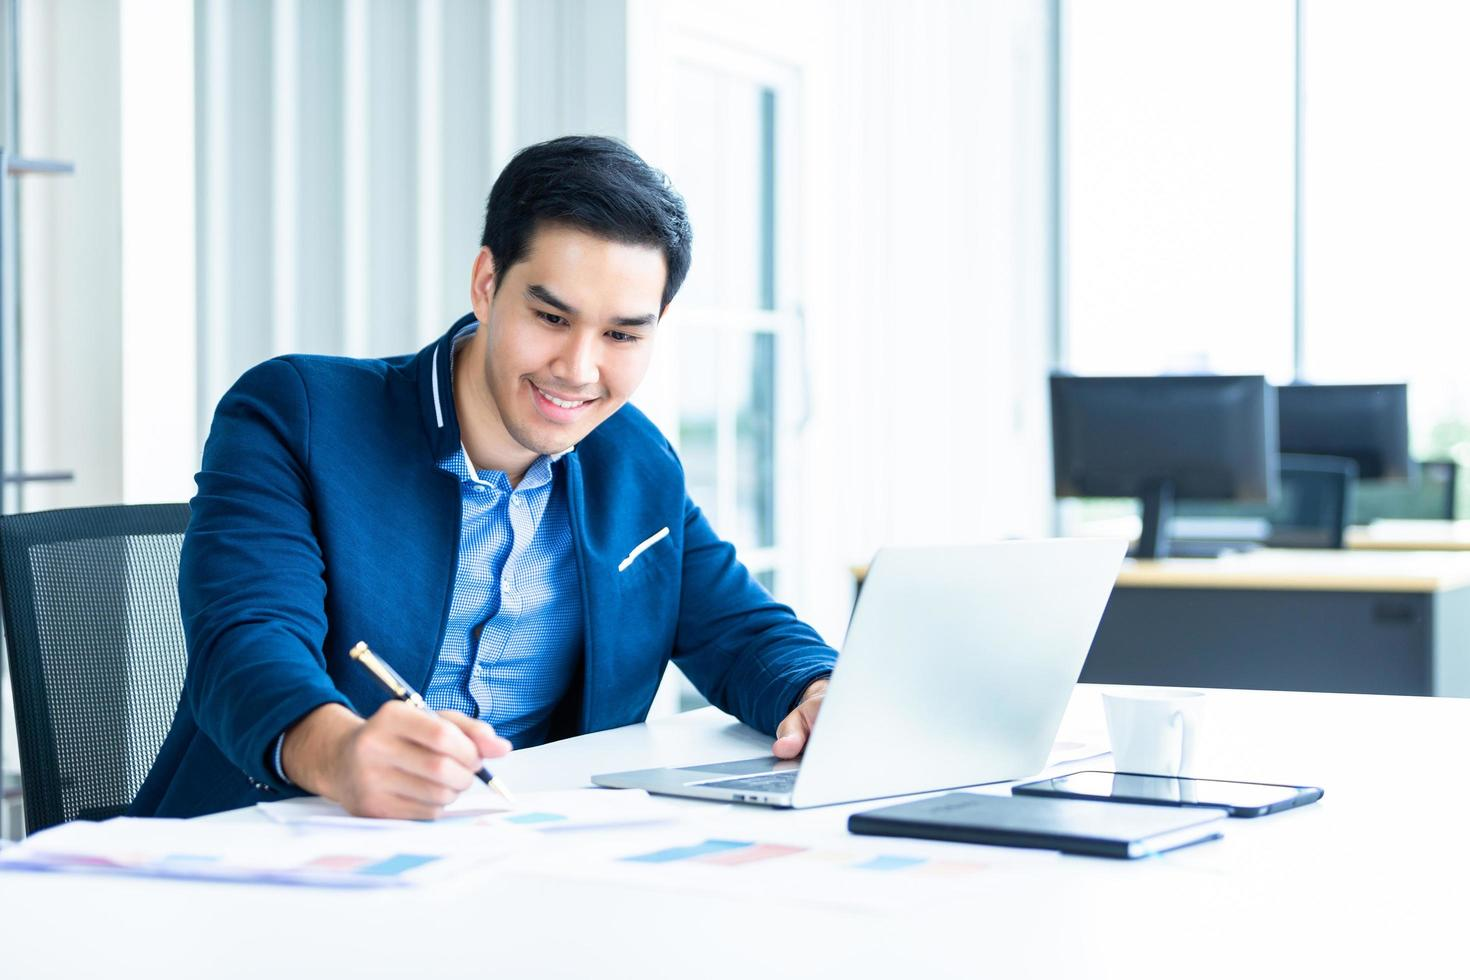 giovane uomo d'affari asiatico che lavora alla sua scrivania foto